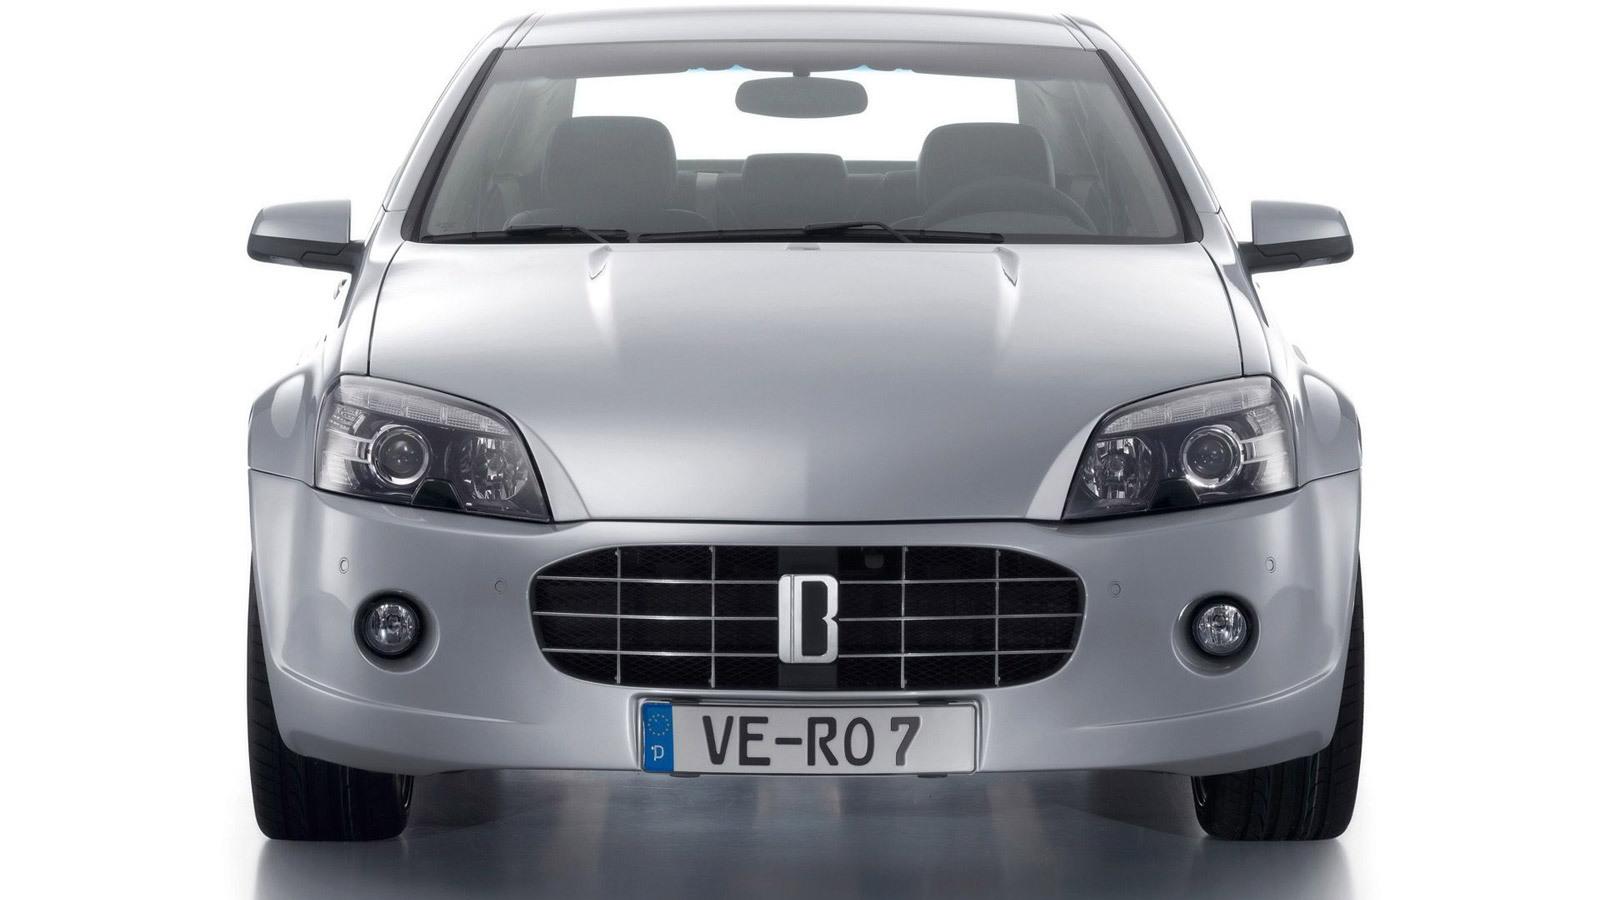 2007 Bitter Vero